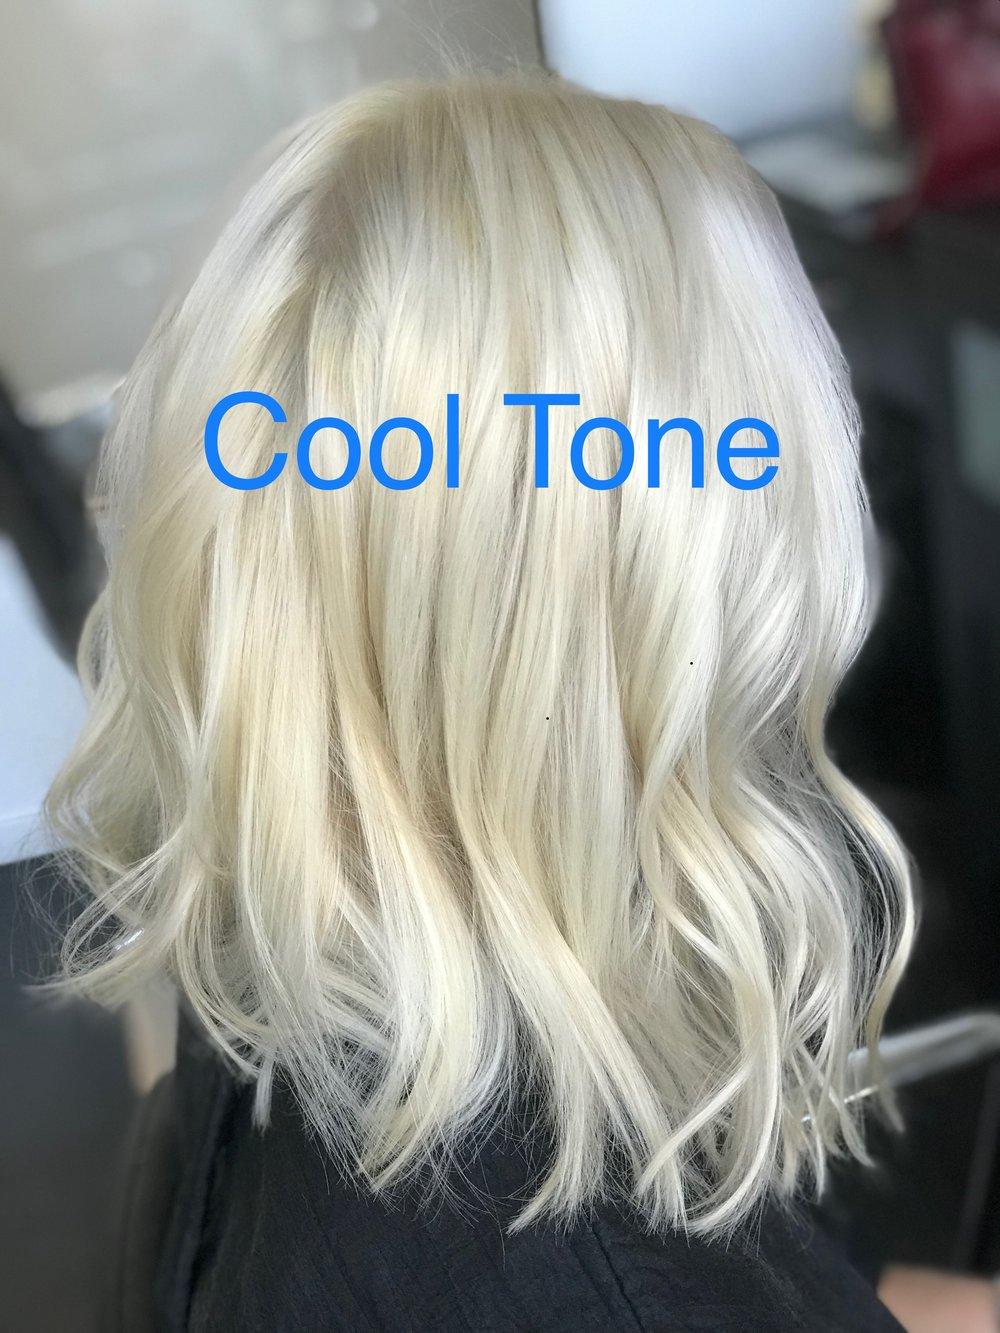 Cool tone hair 1